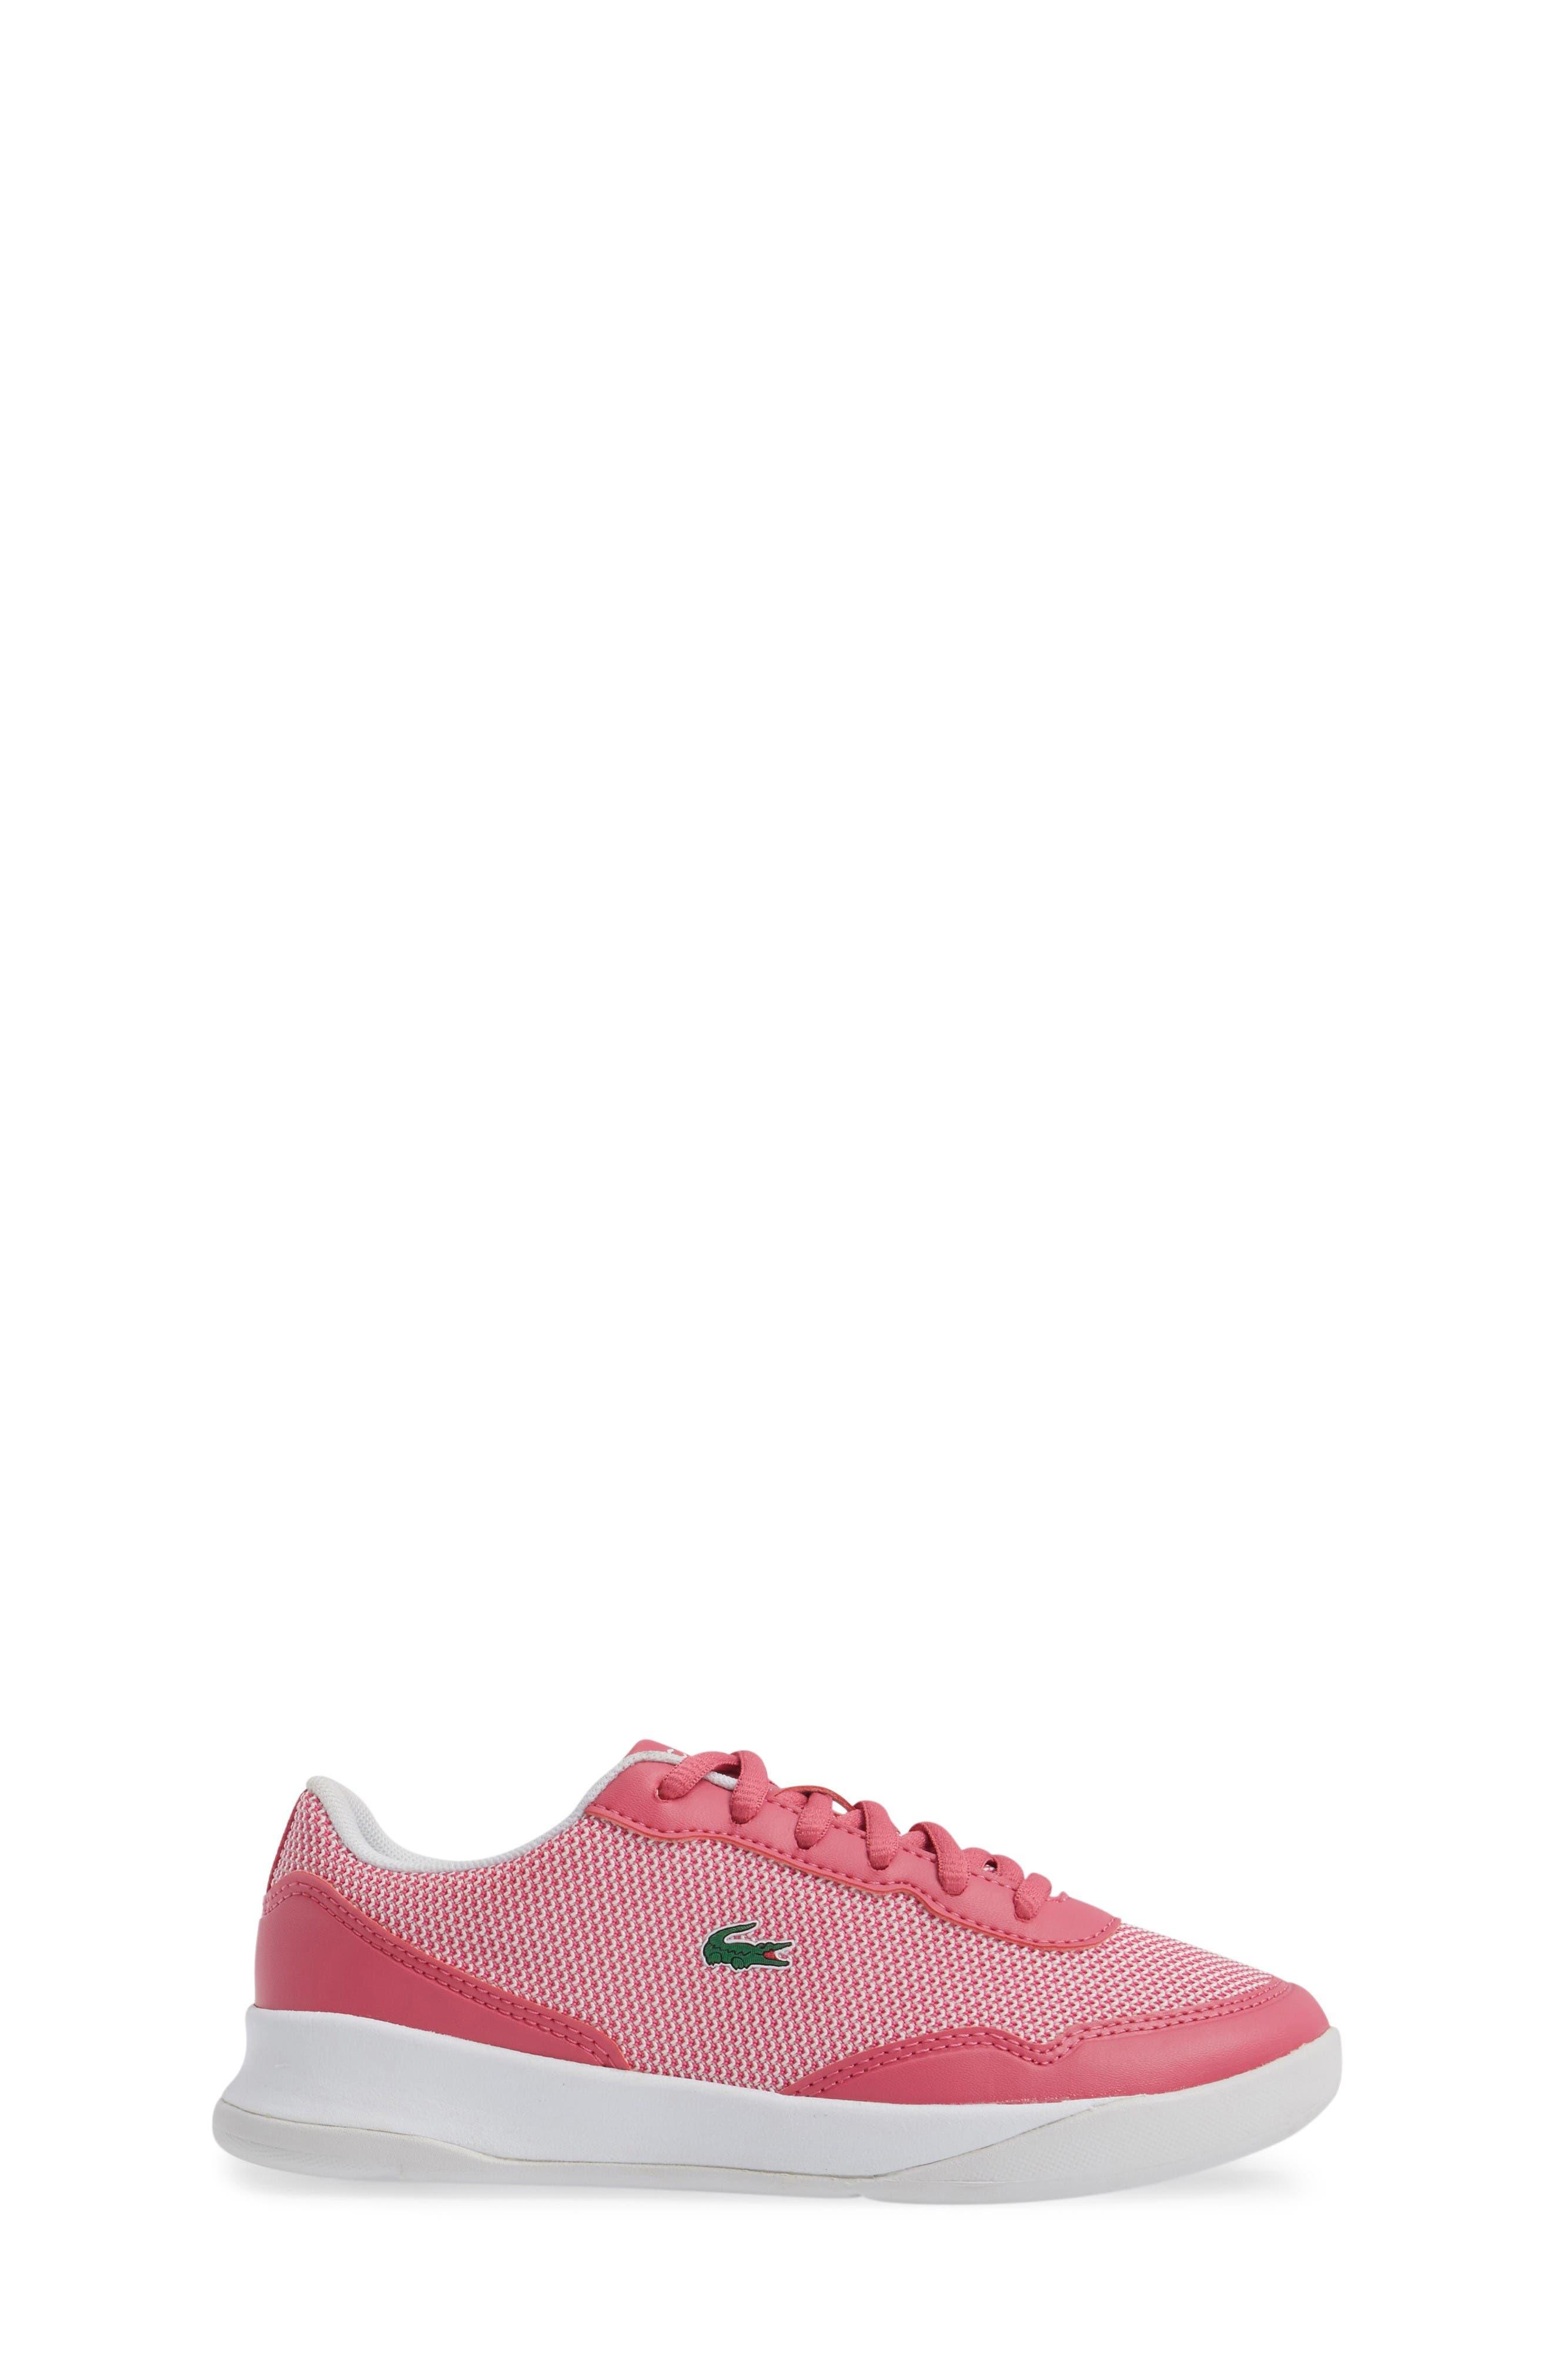 LT Spirit Woven Sneaker,                             Alternate thumbnail 3, color,                             Pink/ White